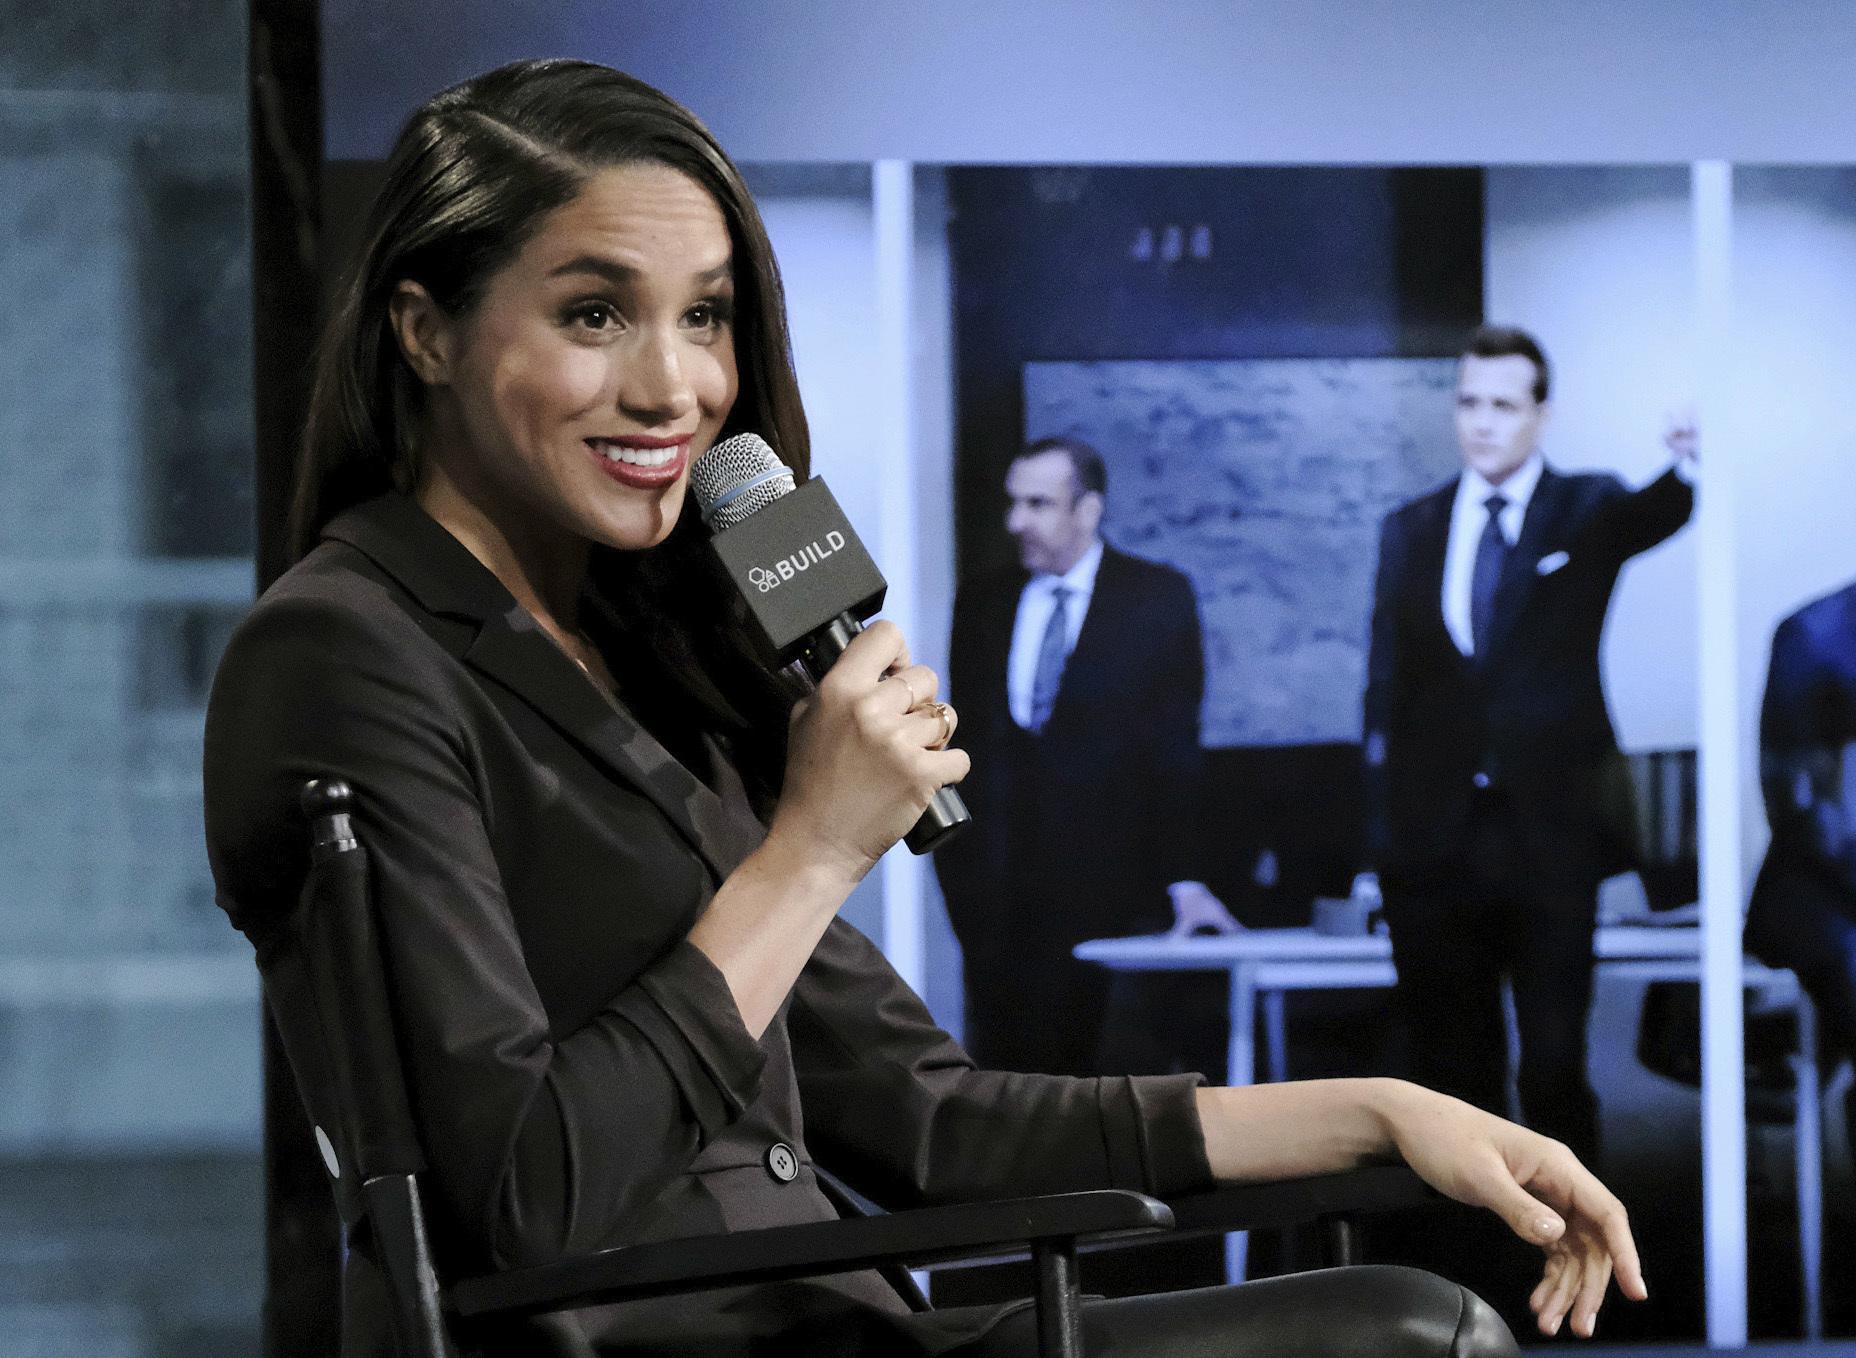 """Faltando semanas para la boda, se anunció que Meghan se despedía de la serie televisiva """"Suits"""", en la que participó por varios años interpretando a la asistente de abogados """"Rachel Zane"""". (Archivo)"""